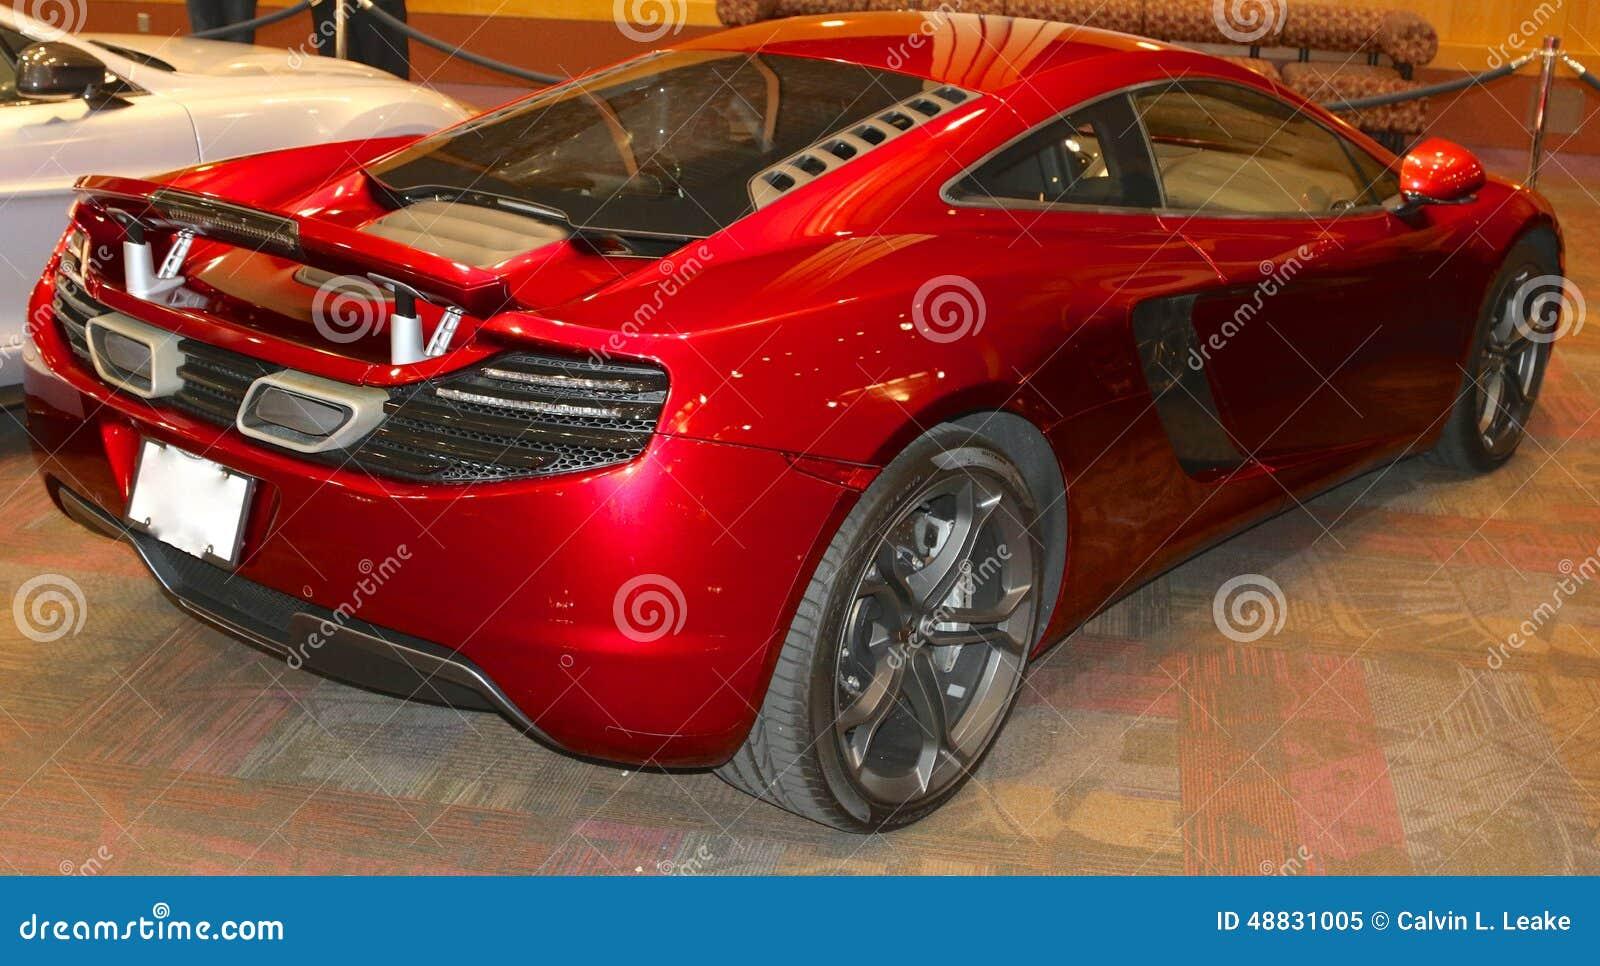 McLaren 12C Luxury Sports Car Editorial Image